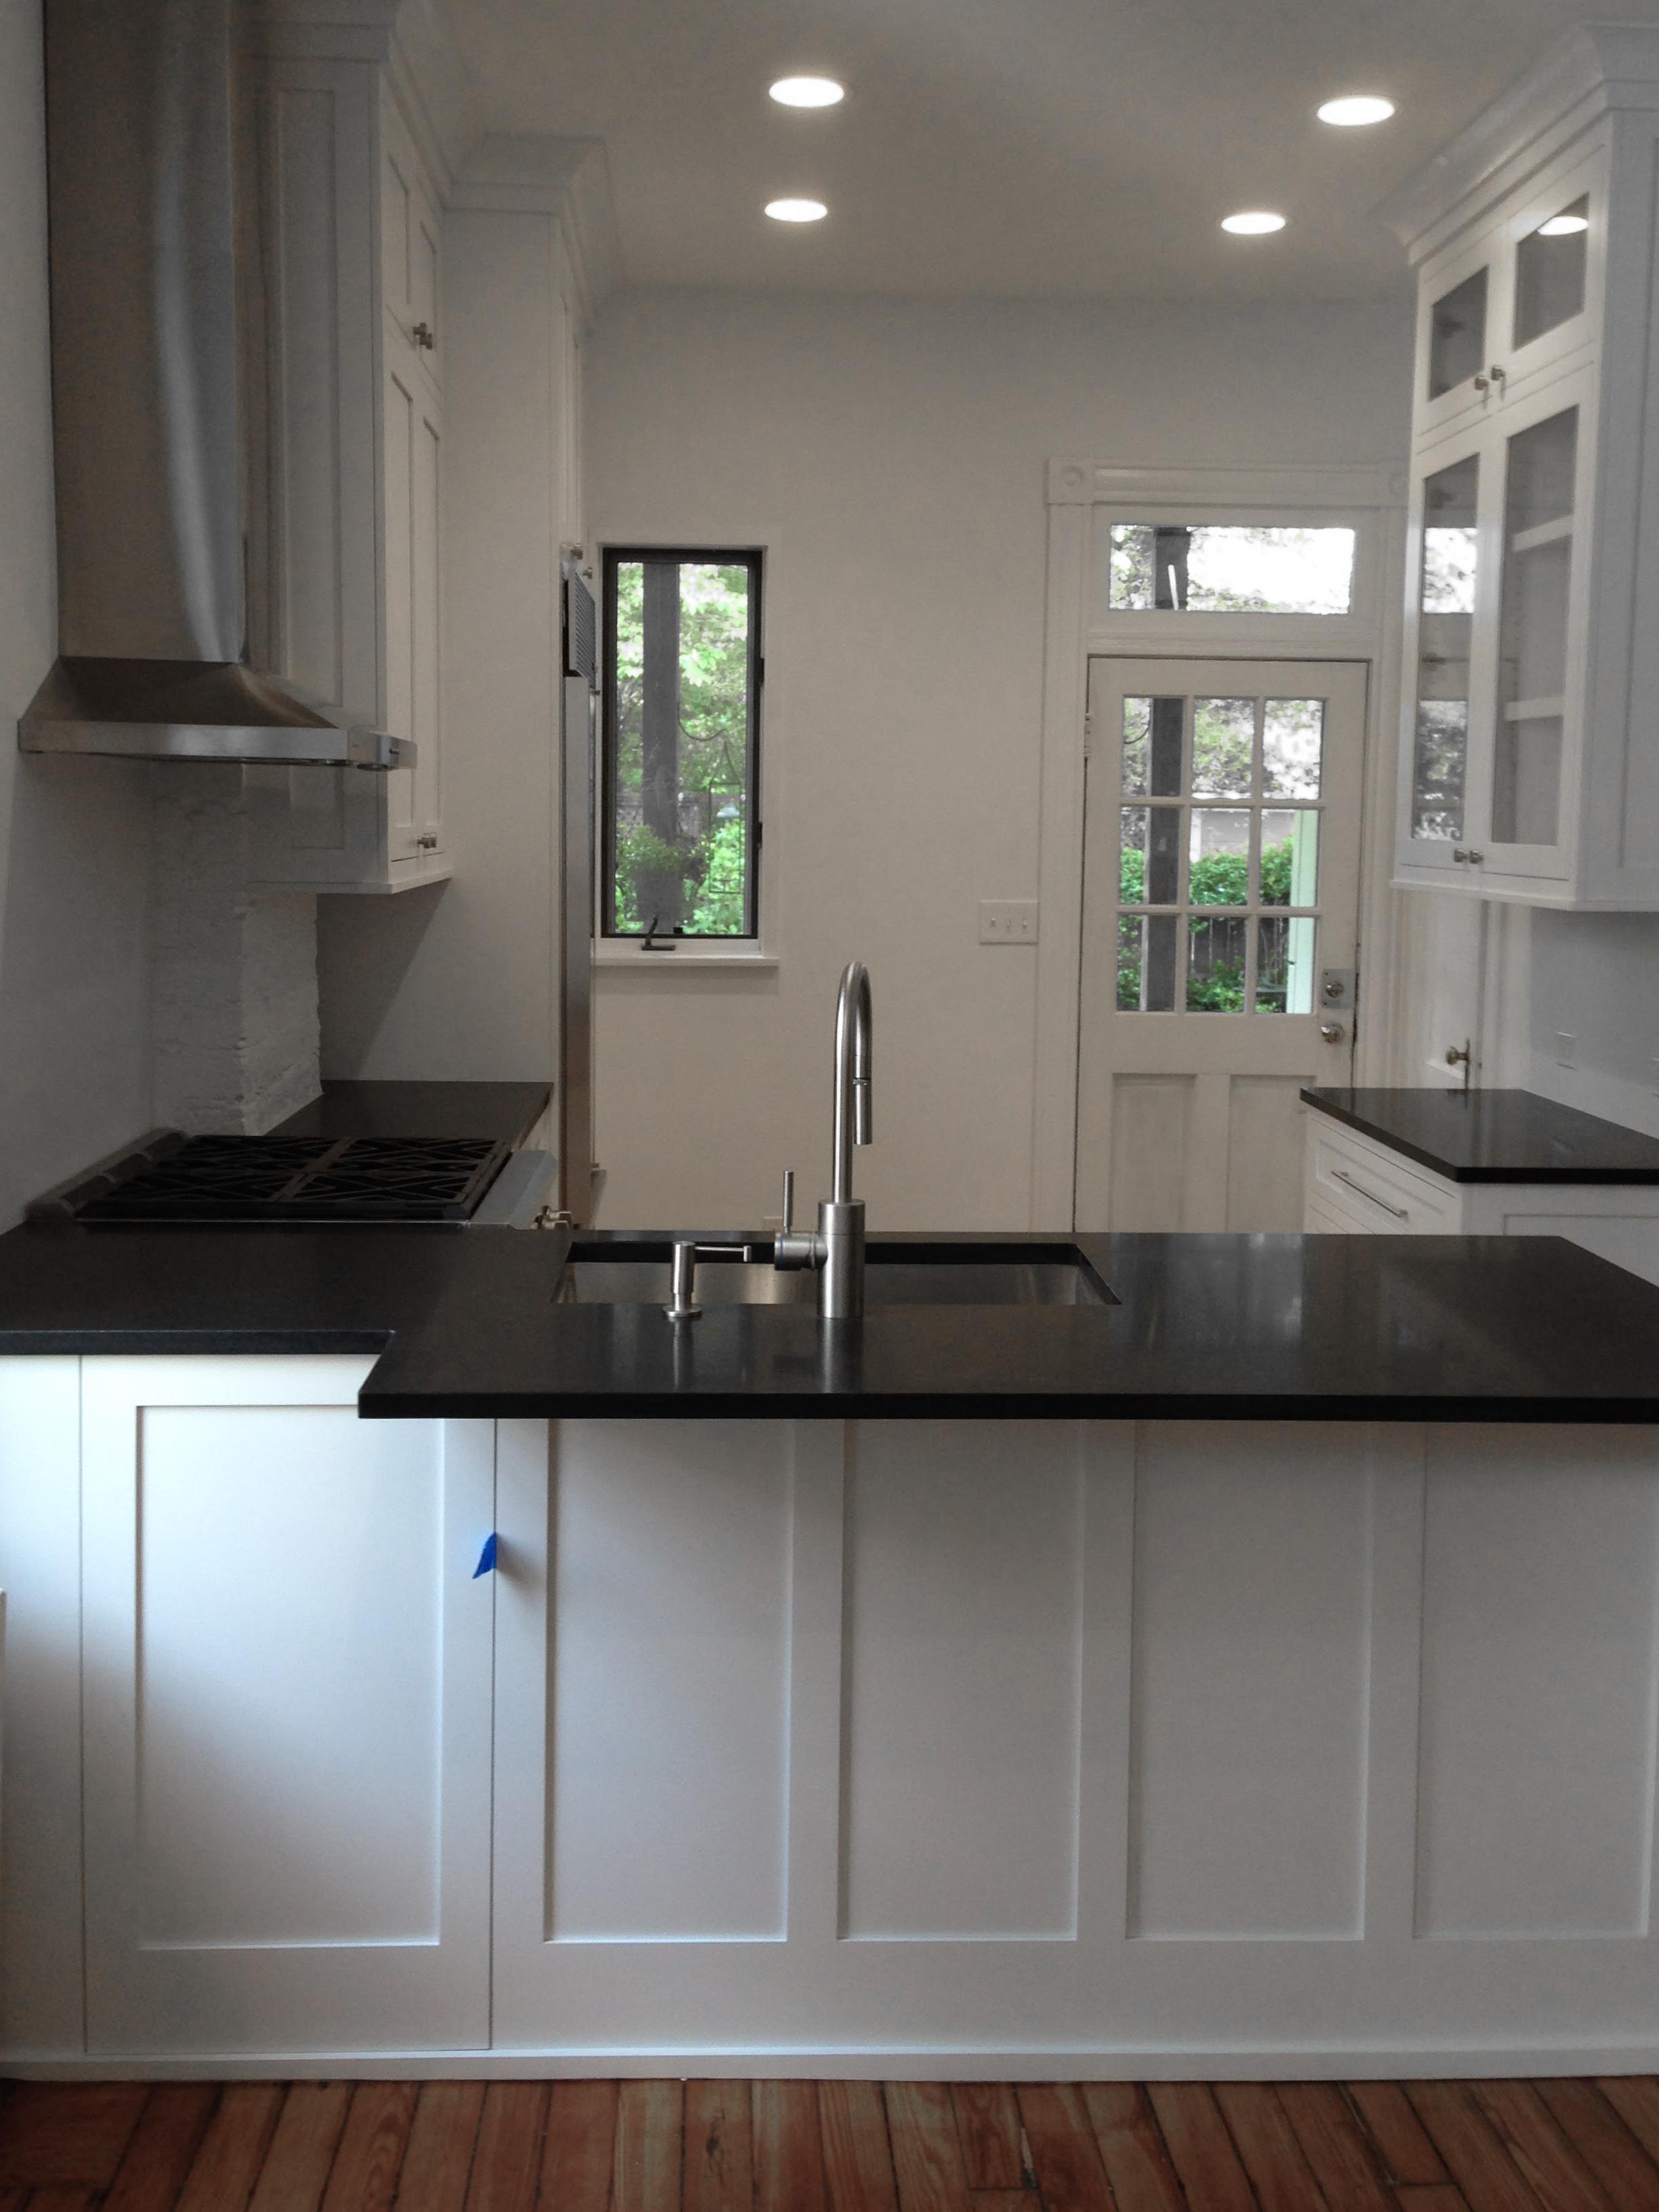 Headley_kitchen1.jpg